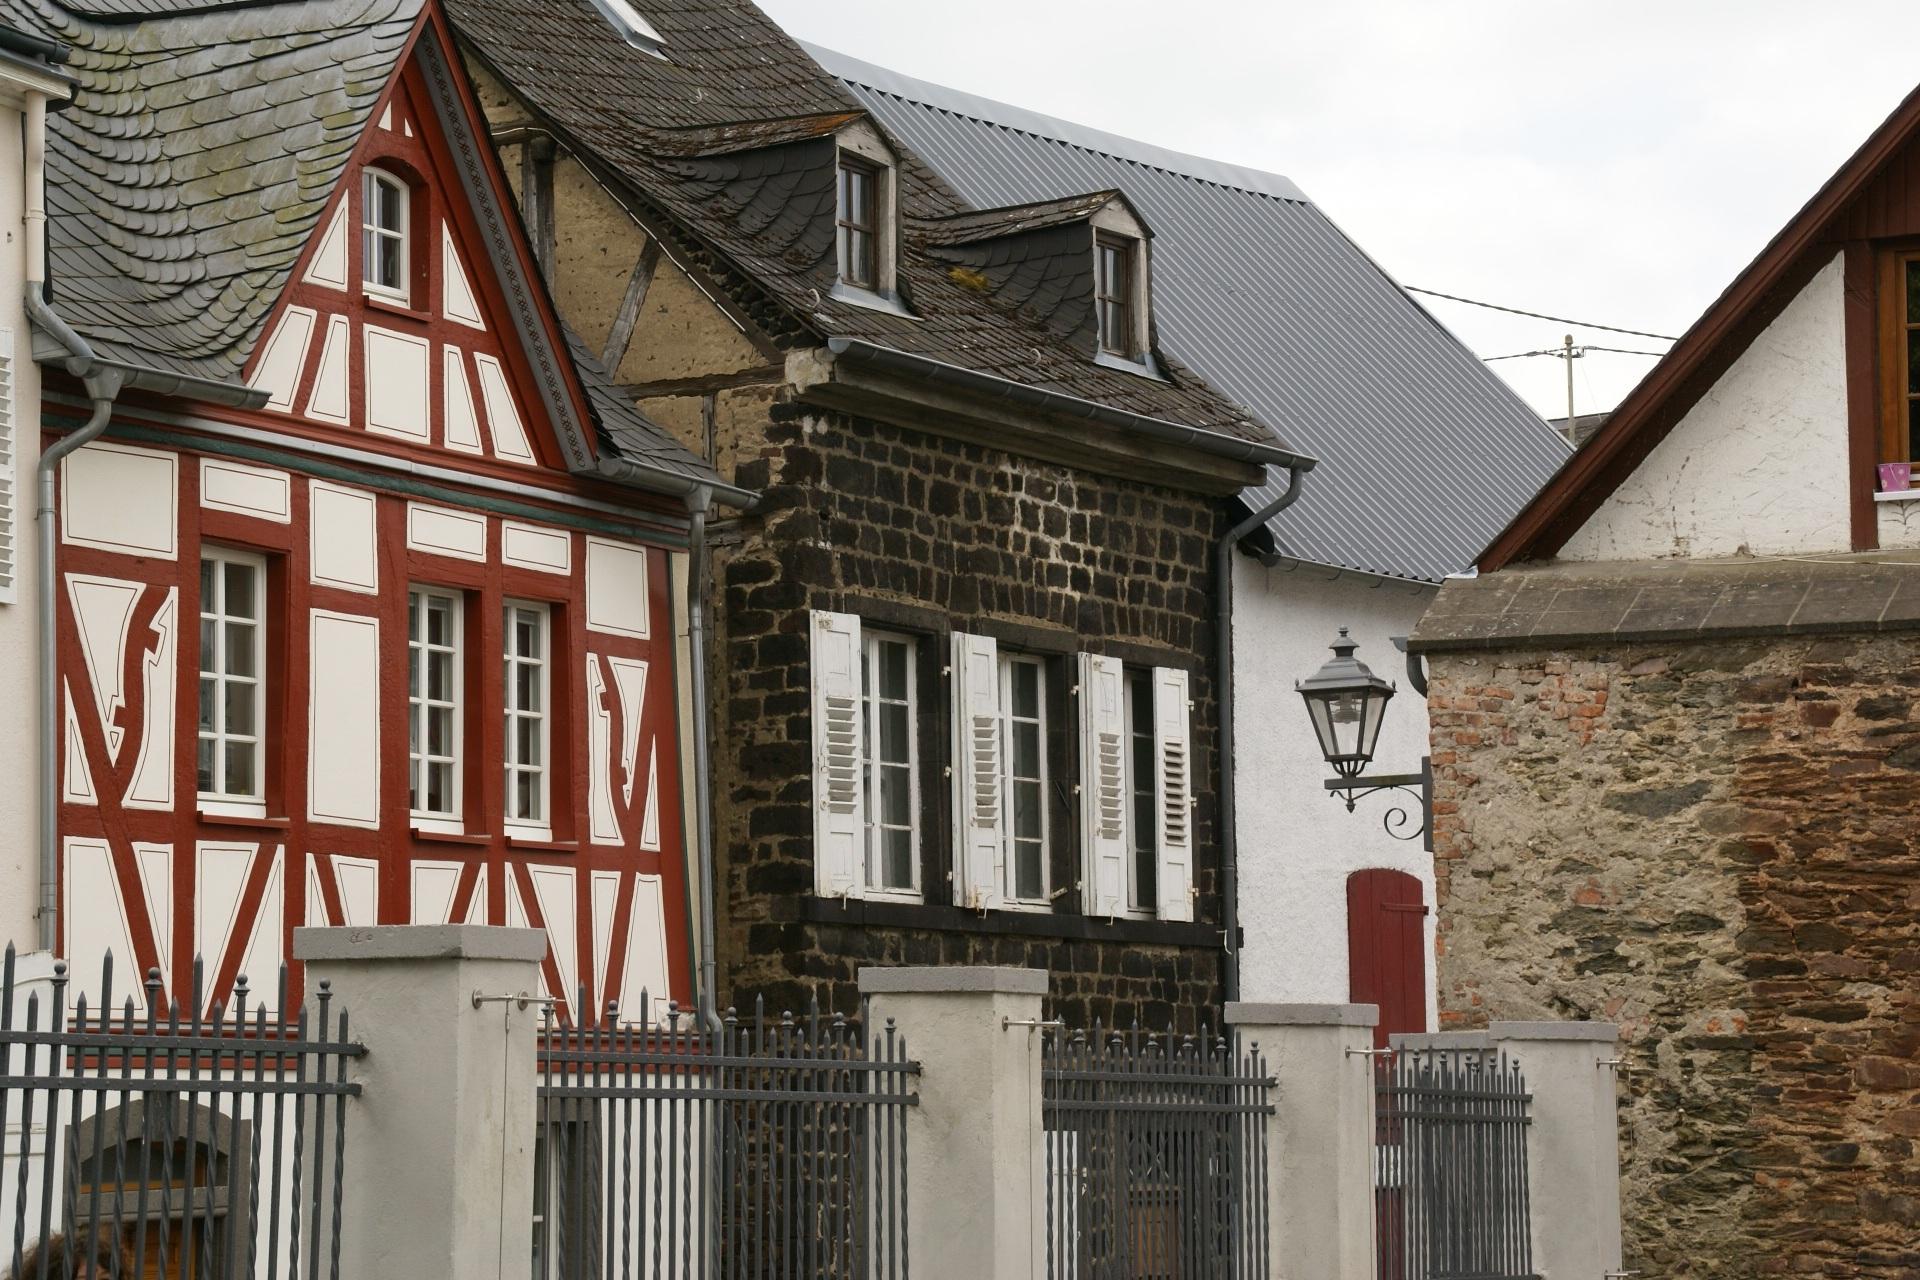 Fotos gratis : arquitectura, casa, ventana, pueblo, techo, edificio ...